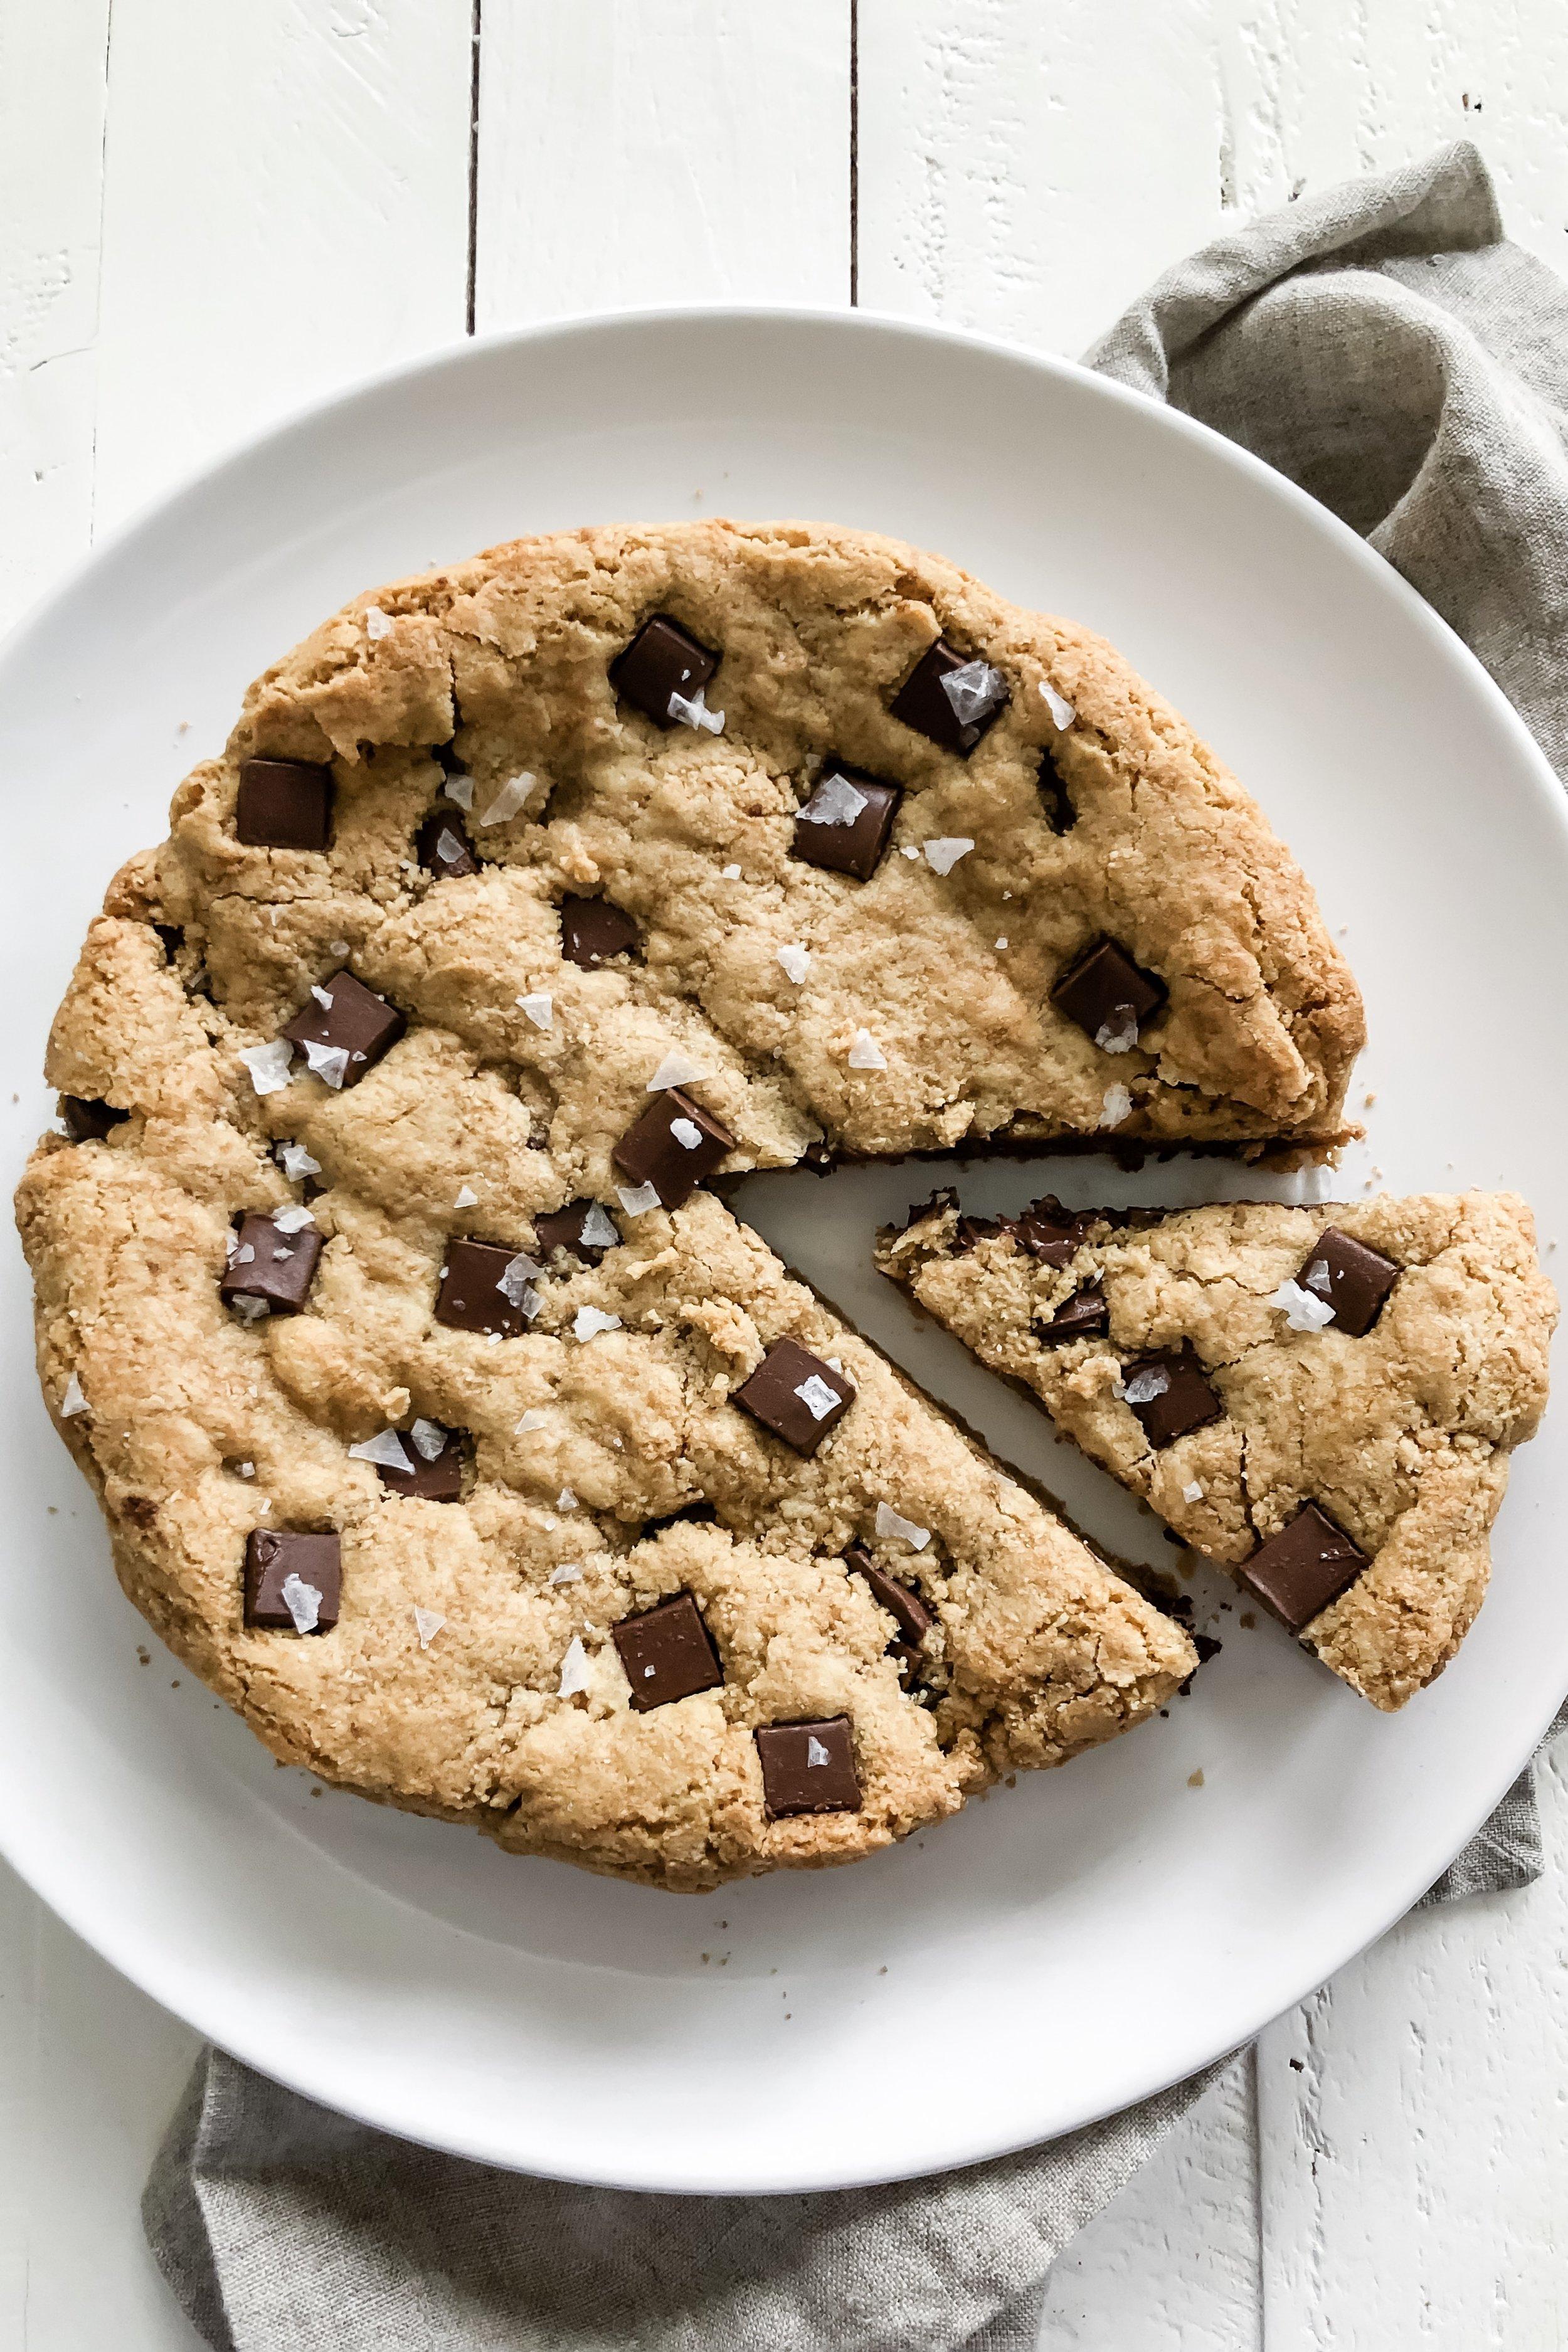 chocolatechunkcookiecake_1.jpeg